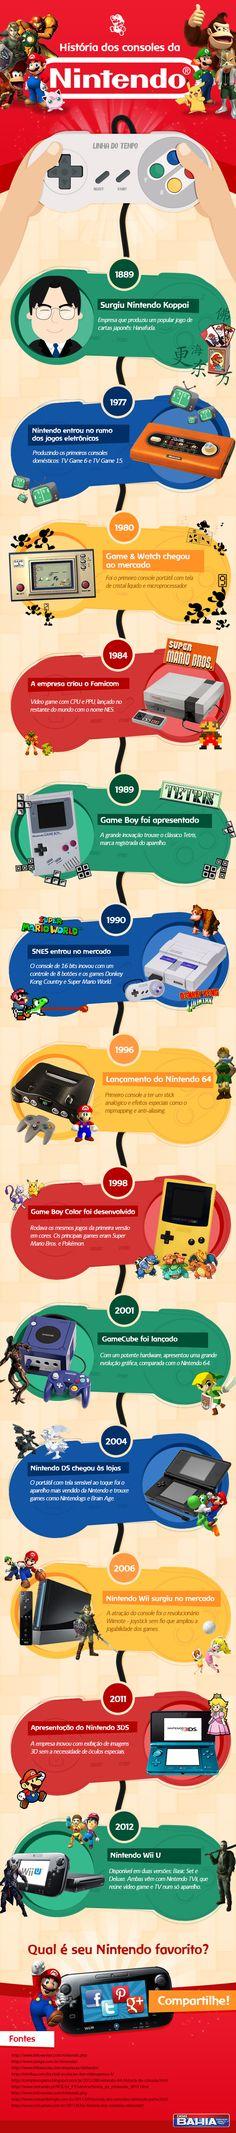 The History of Nintendo (ES)